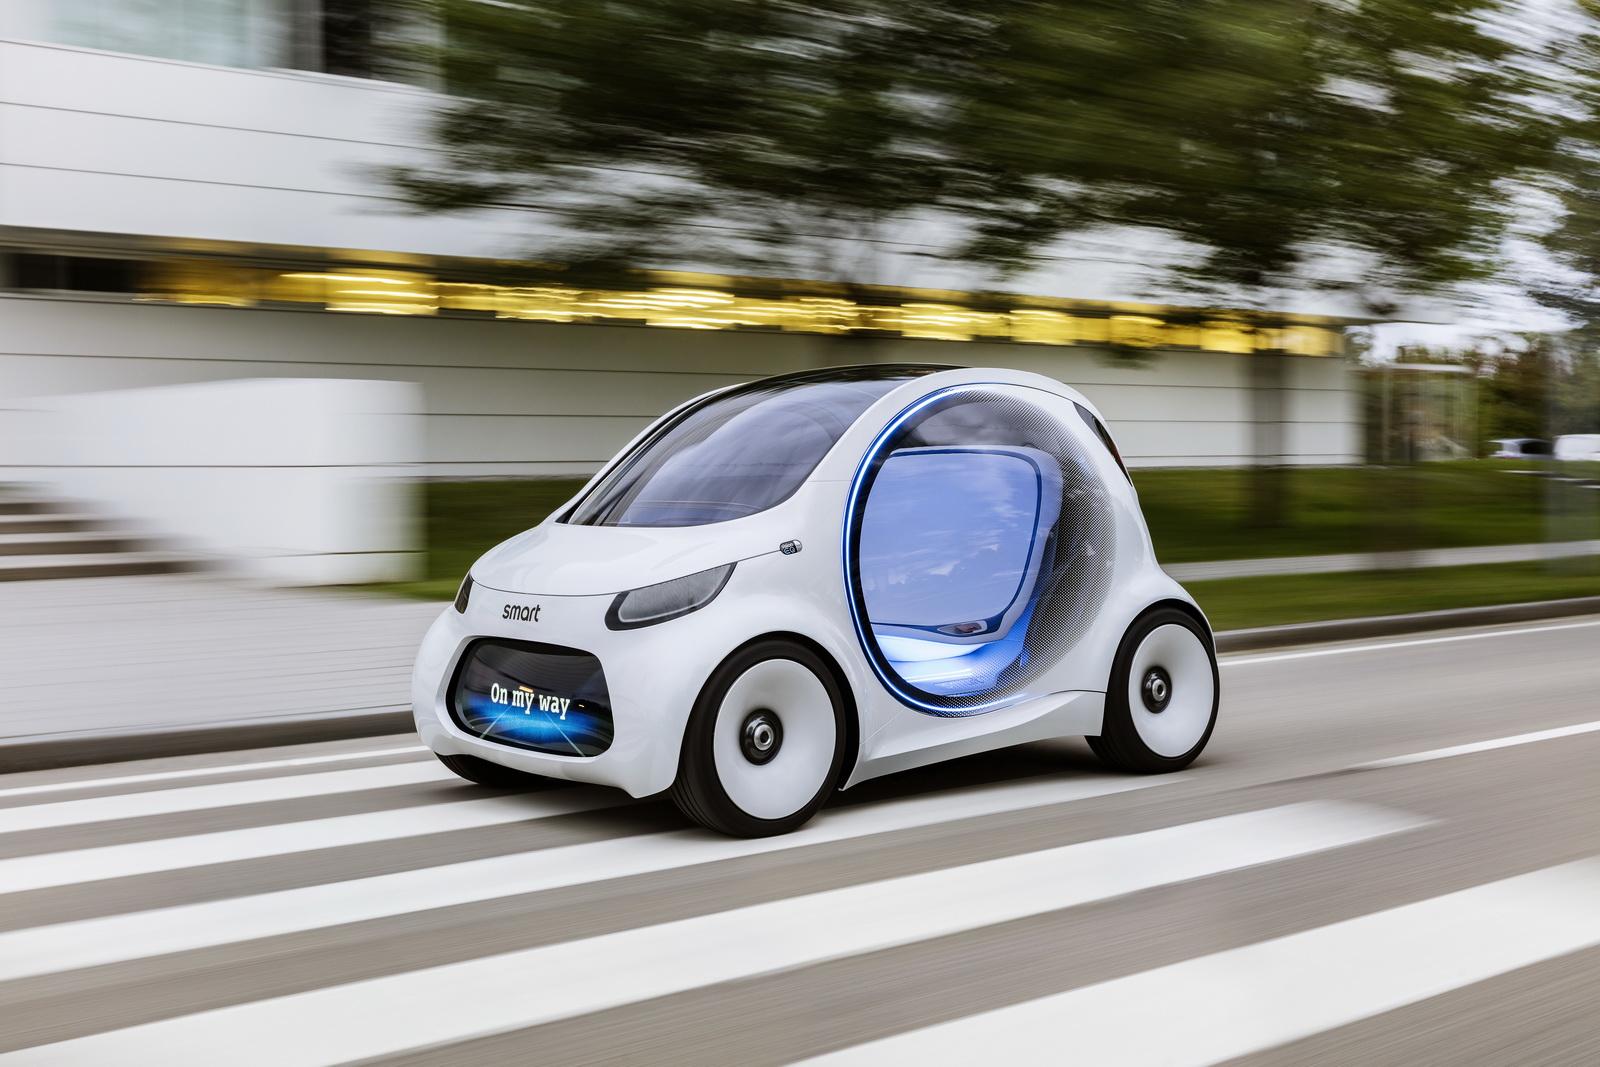 El Smart del futuro es 100% eléctrico, autónomo y compartido